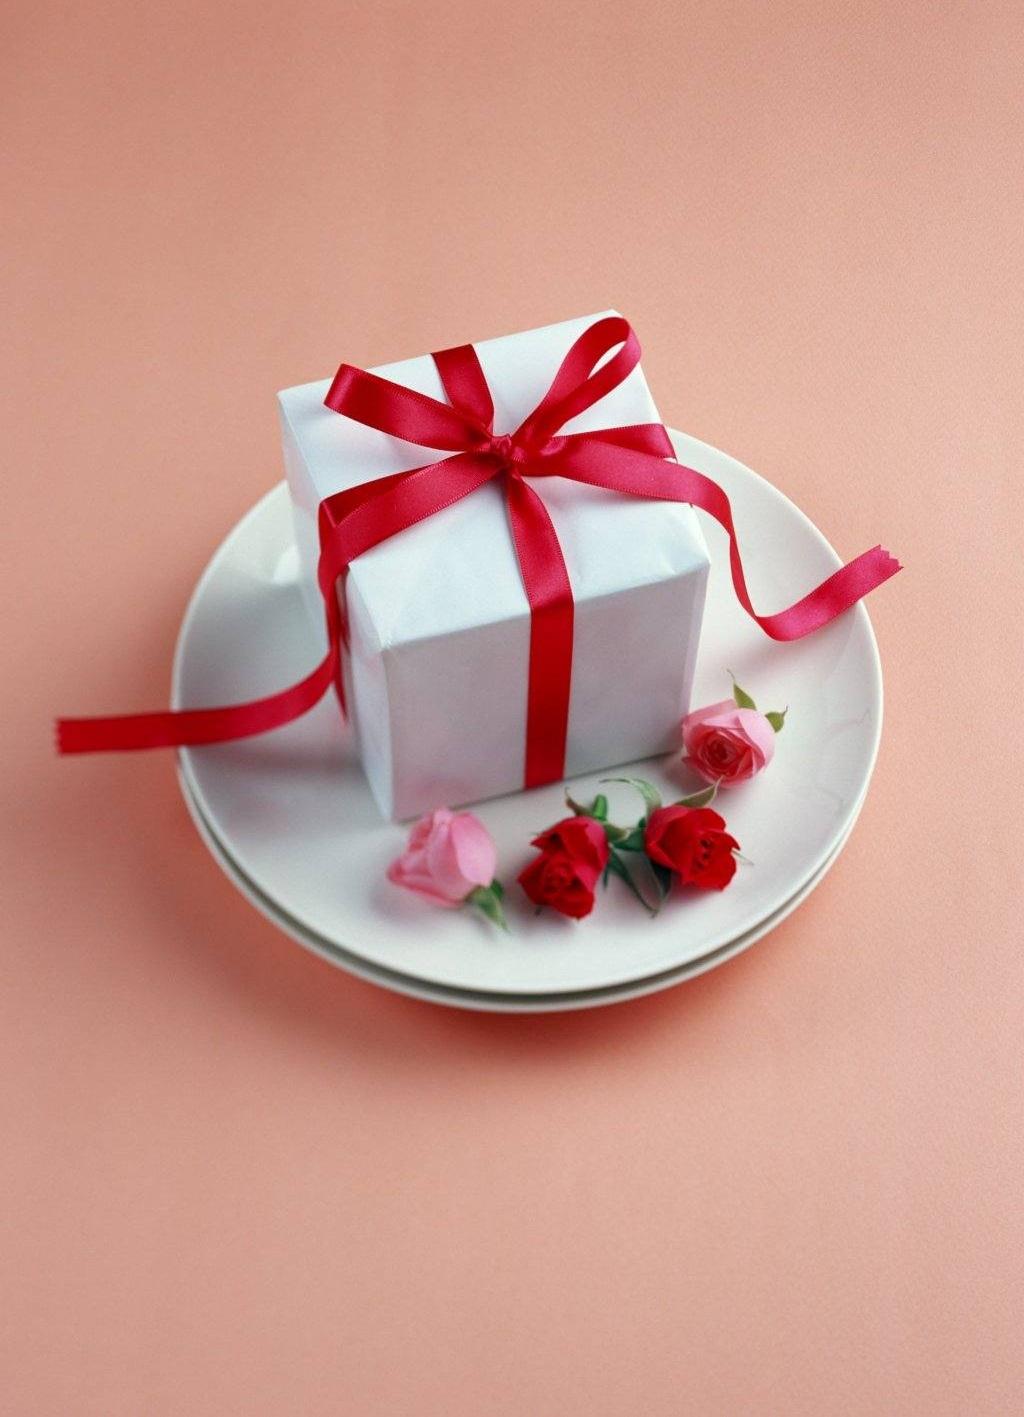 Поздравление с днём рождения беременной женщине в